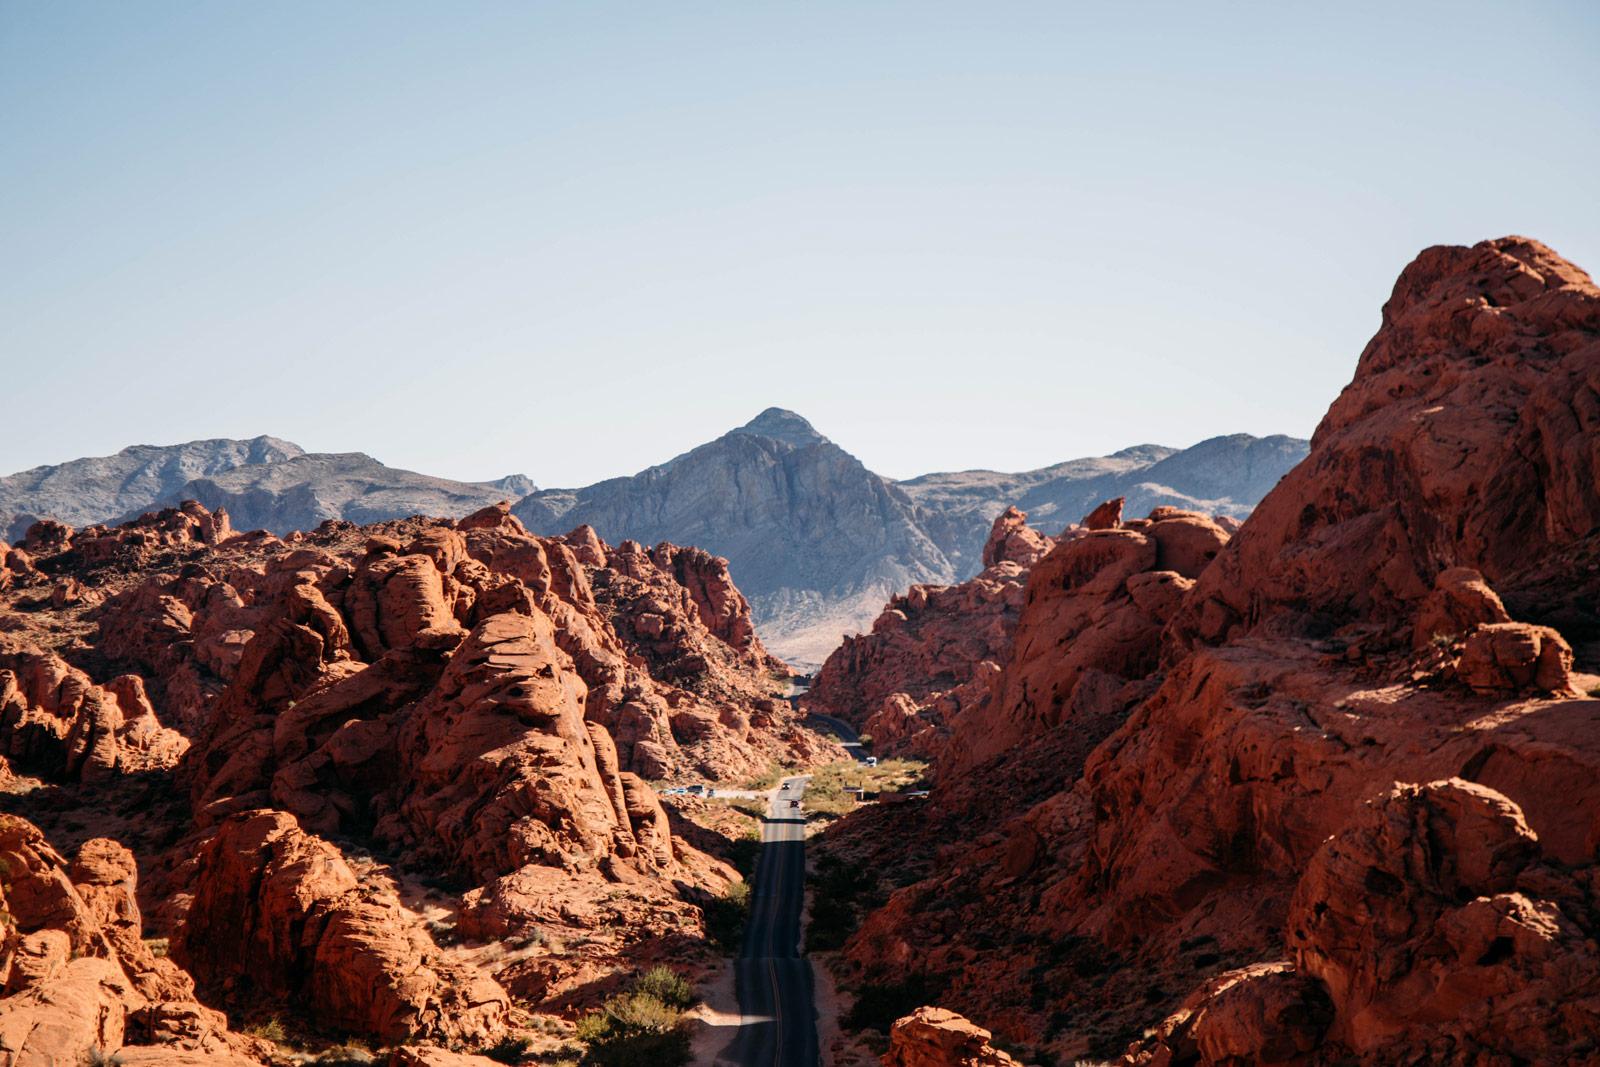 visiter les environs de Las Vegas et la valley of fire